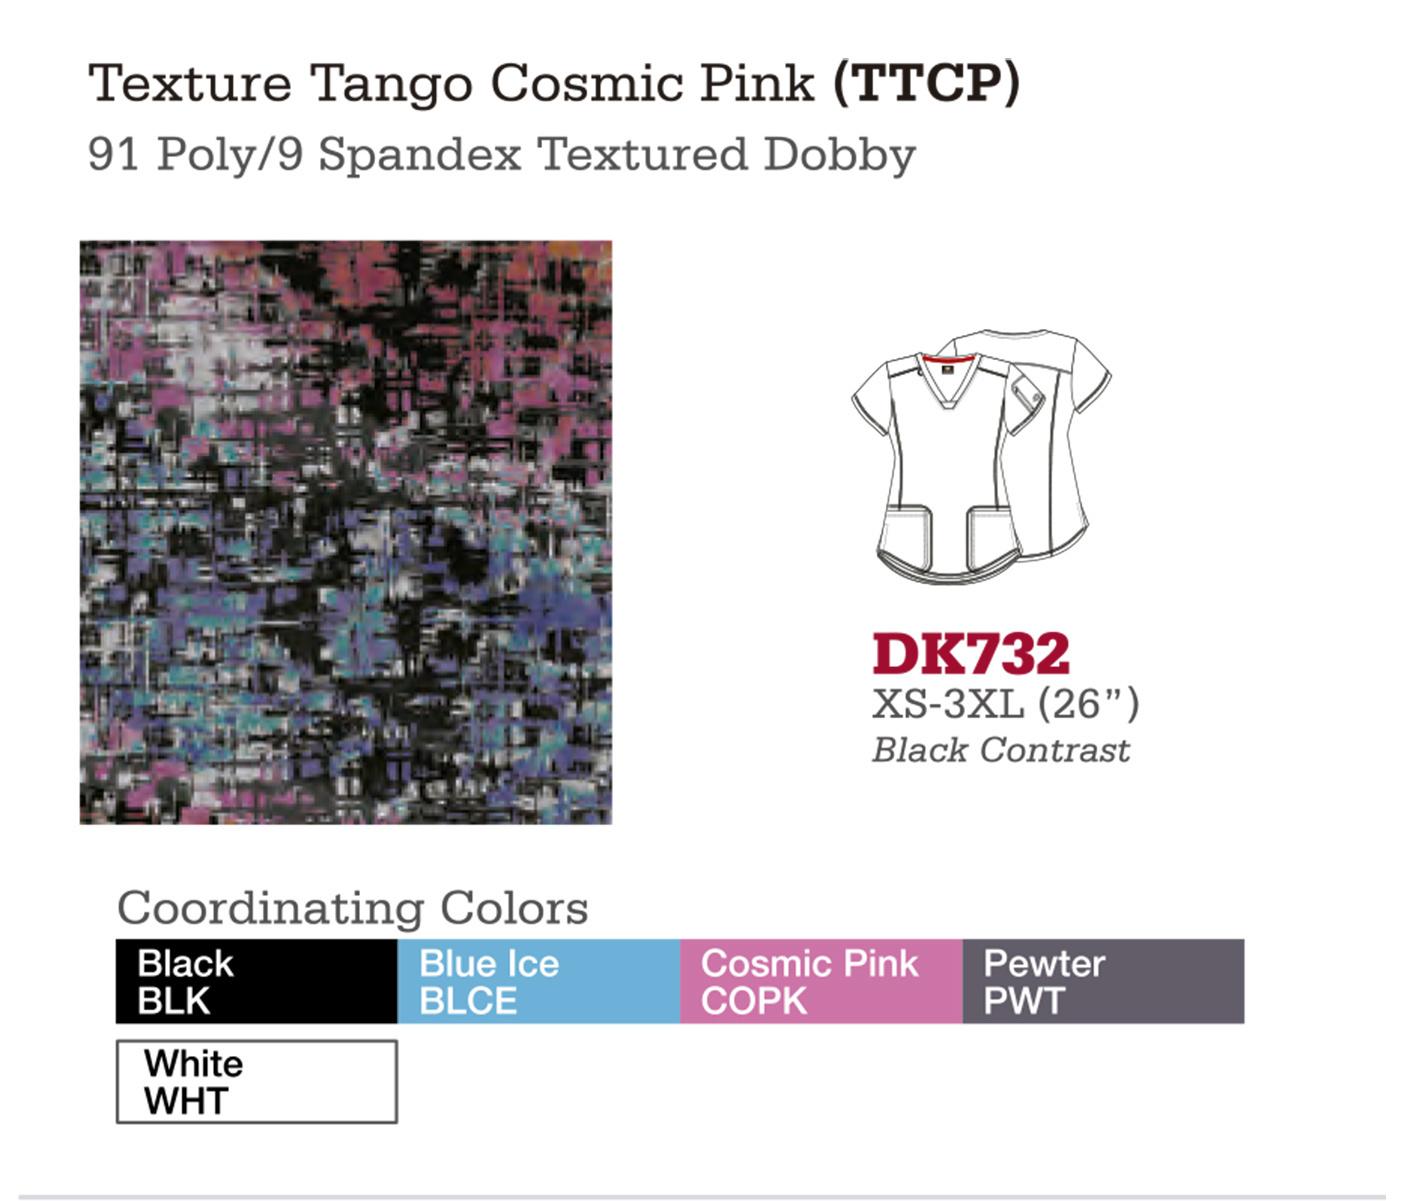 Texture Tango Cosmic Pink. DK732.